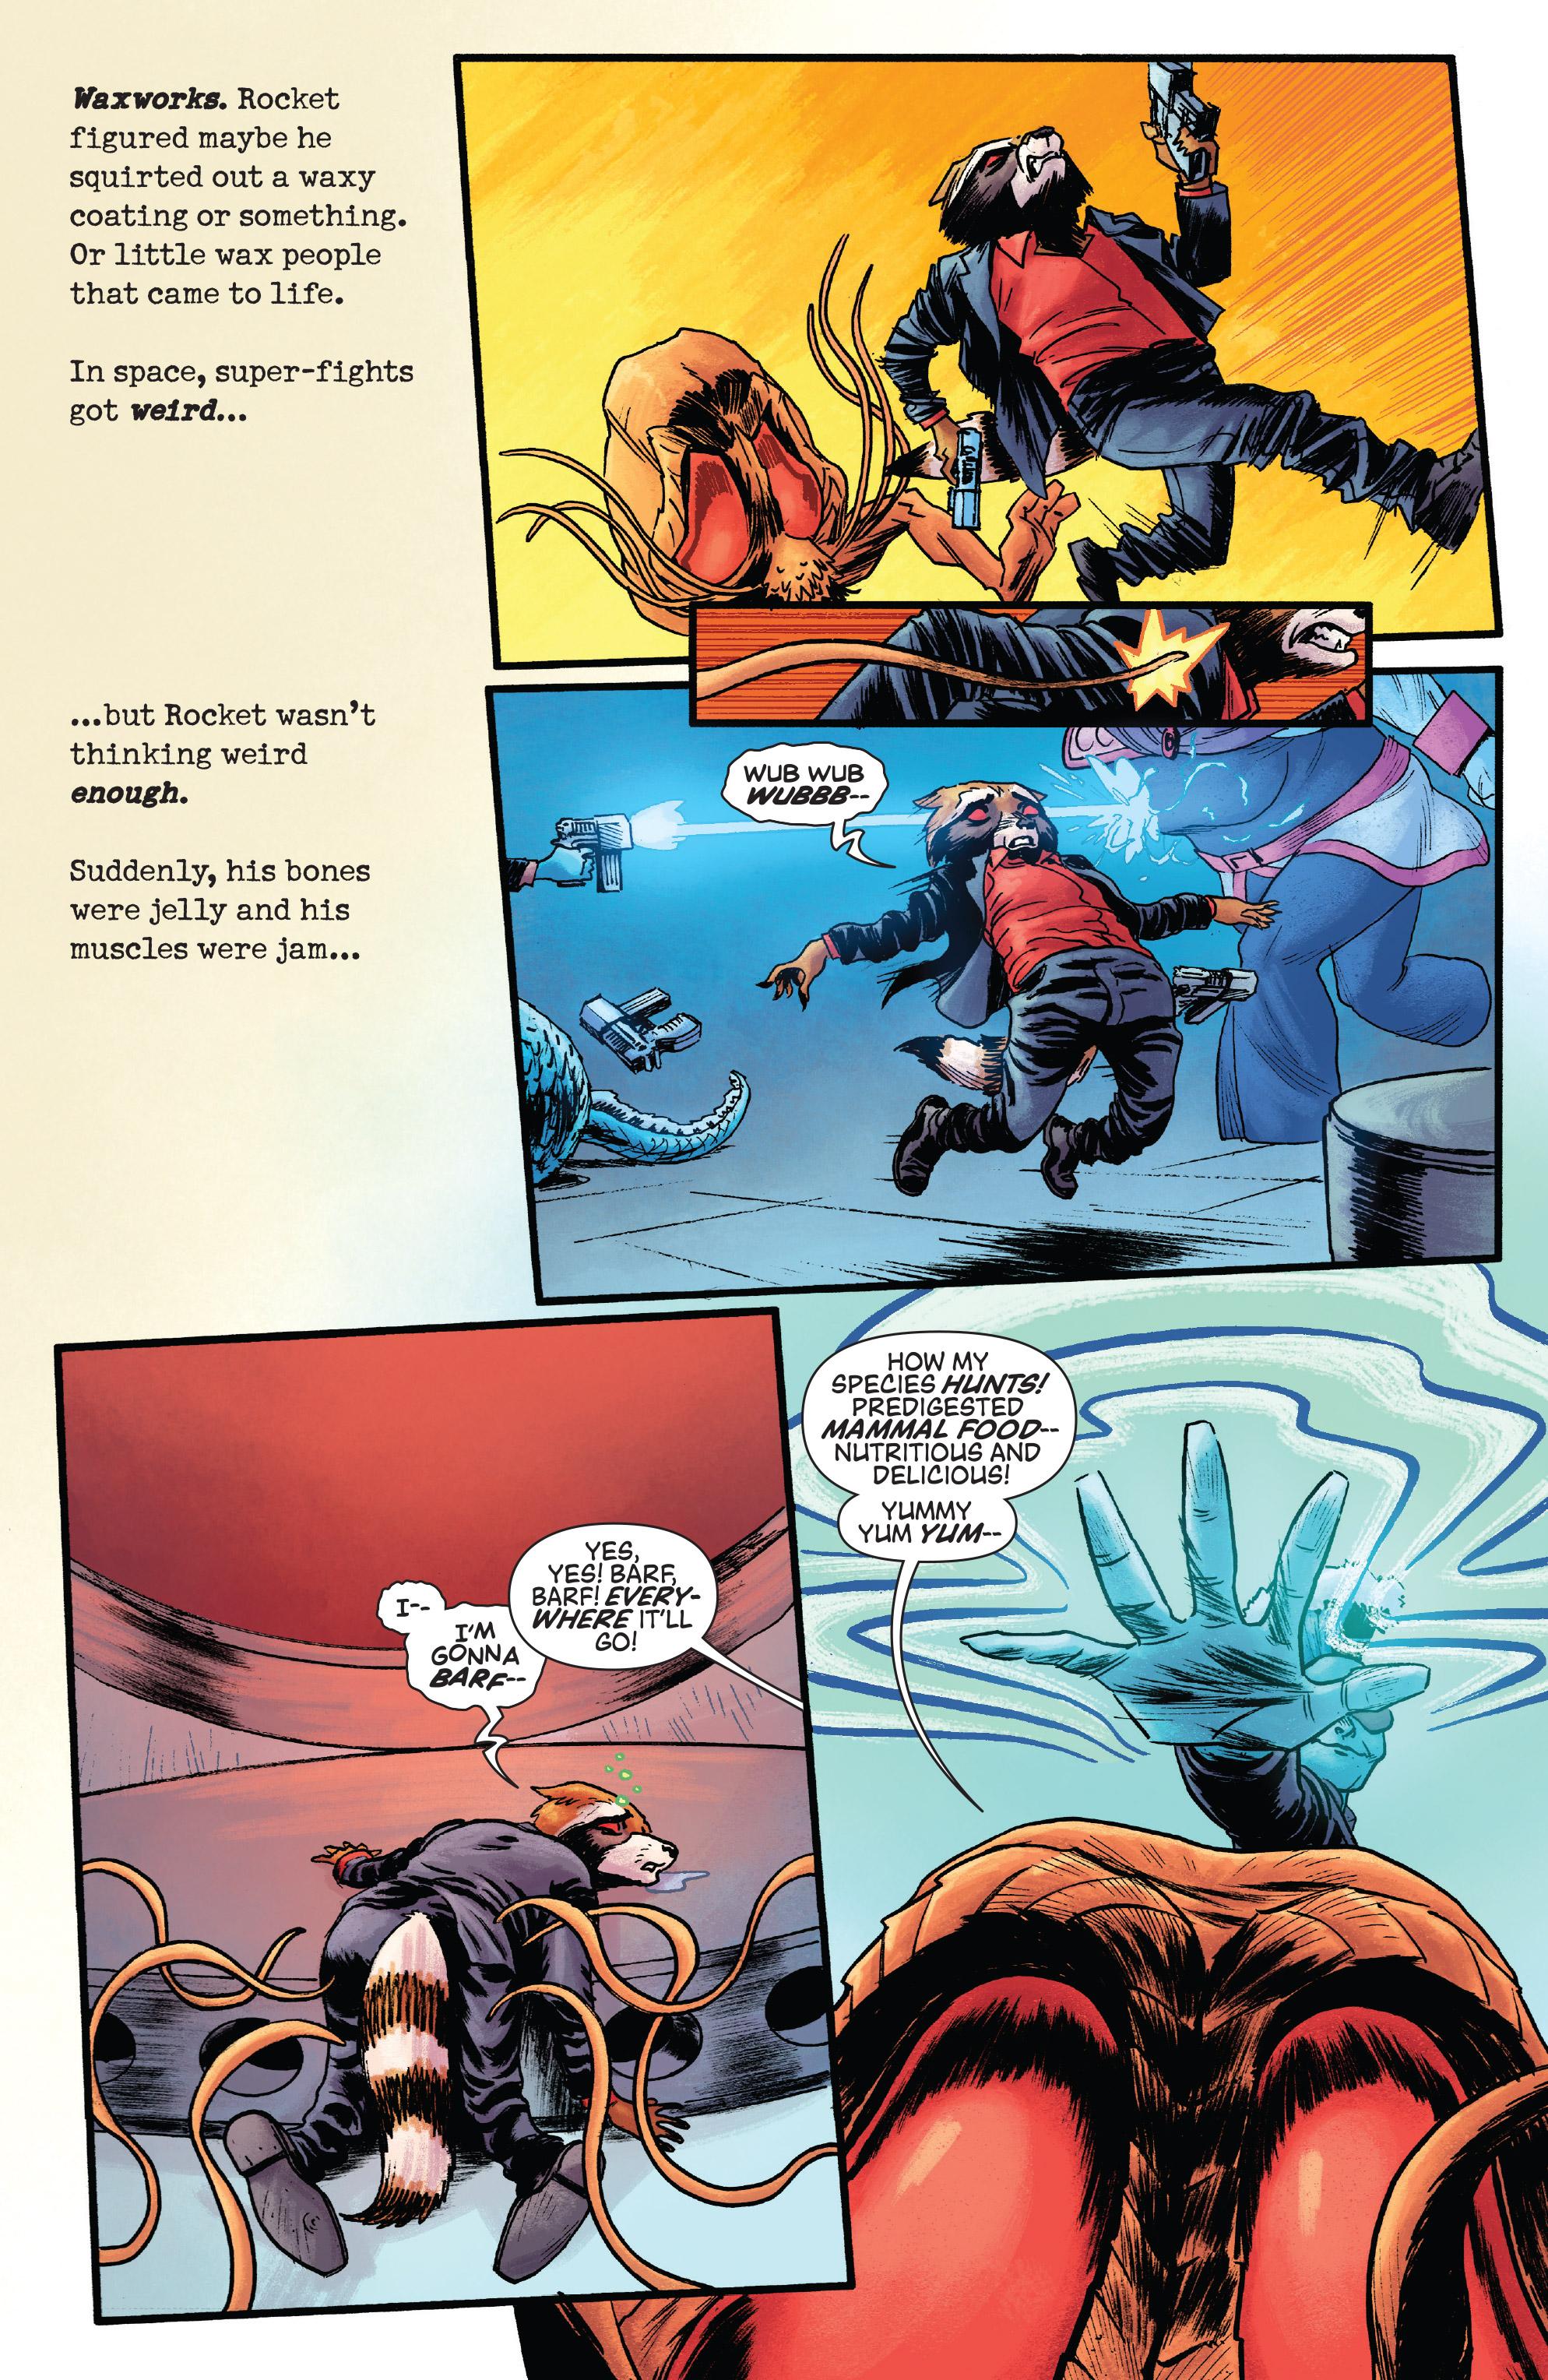 Read online Rocket comic -  Issue #2 - 8